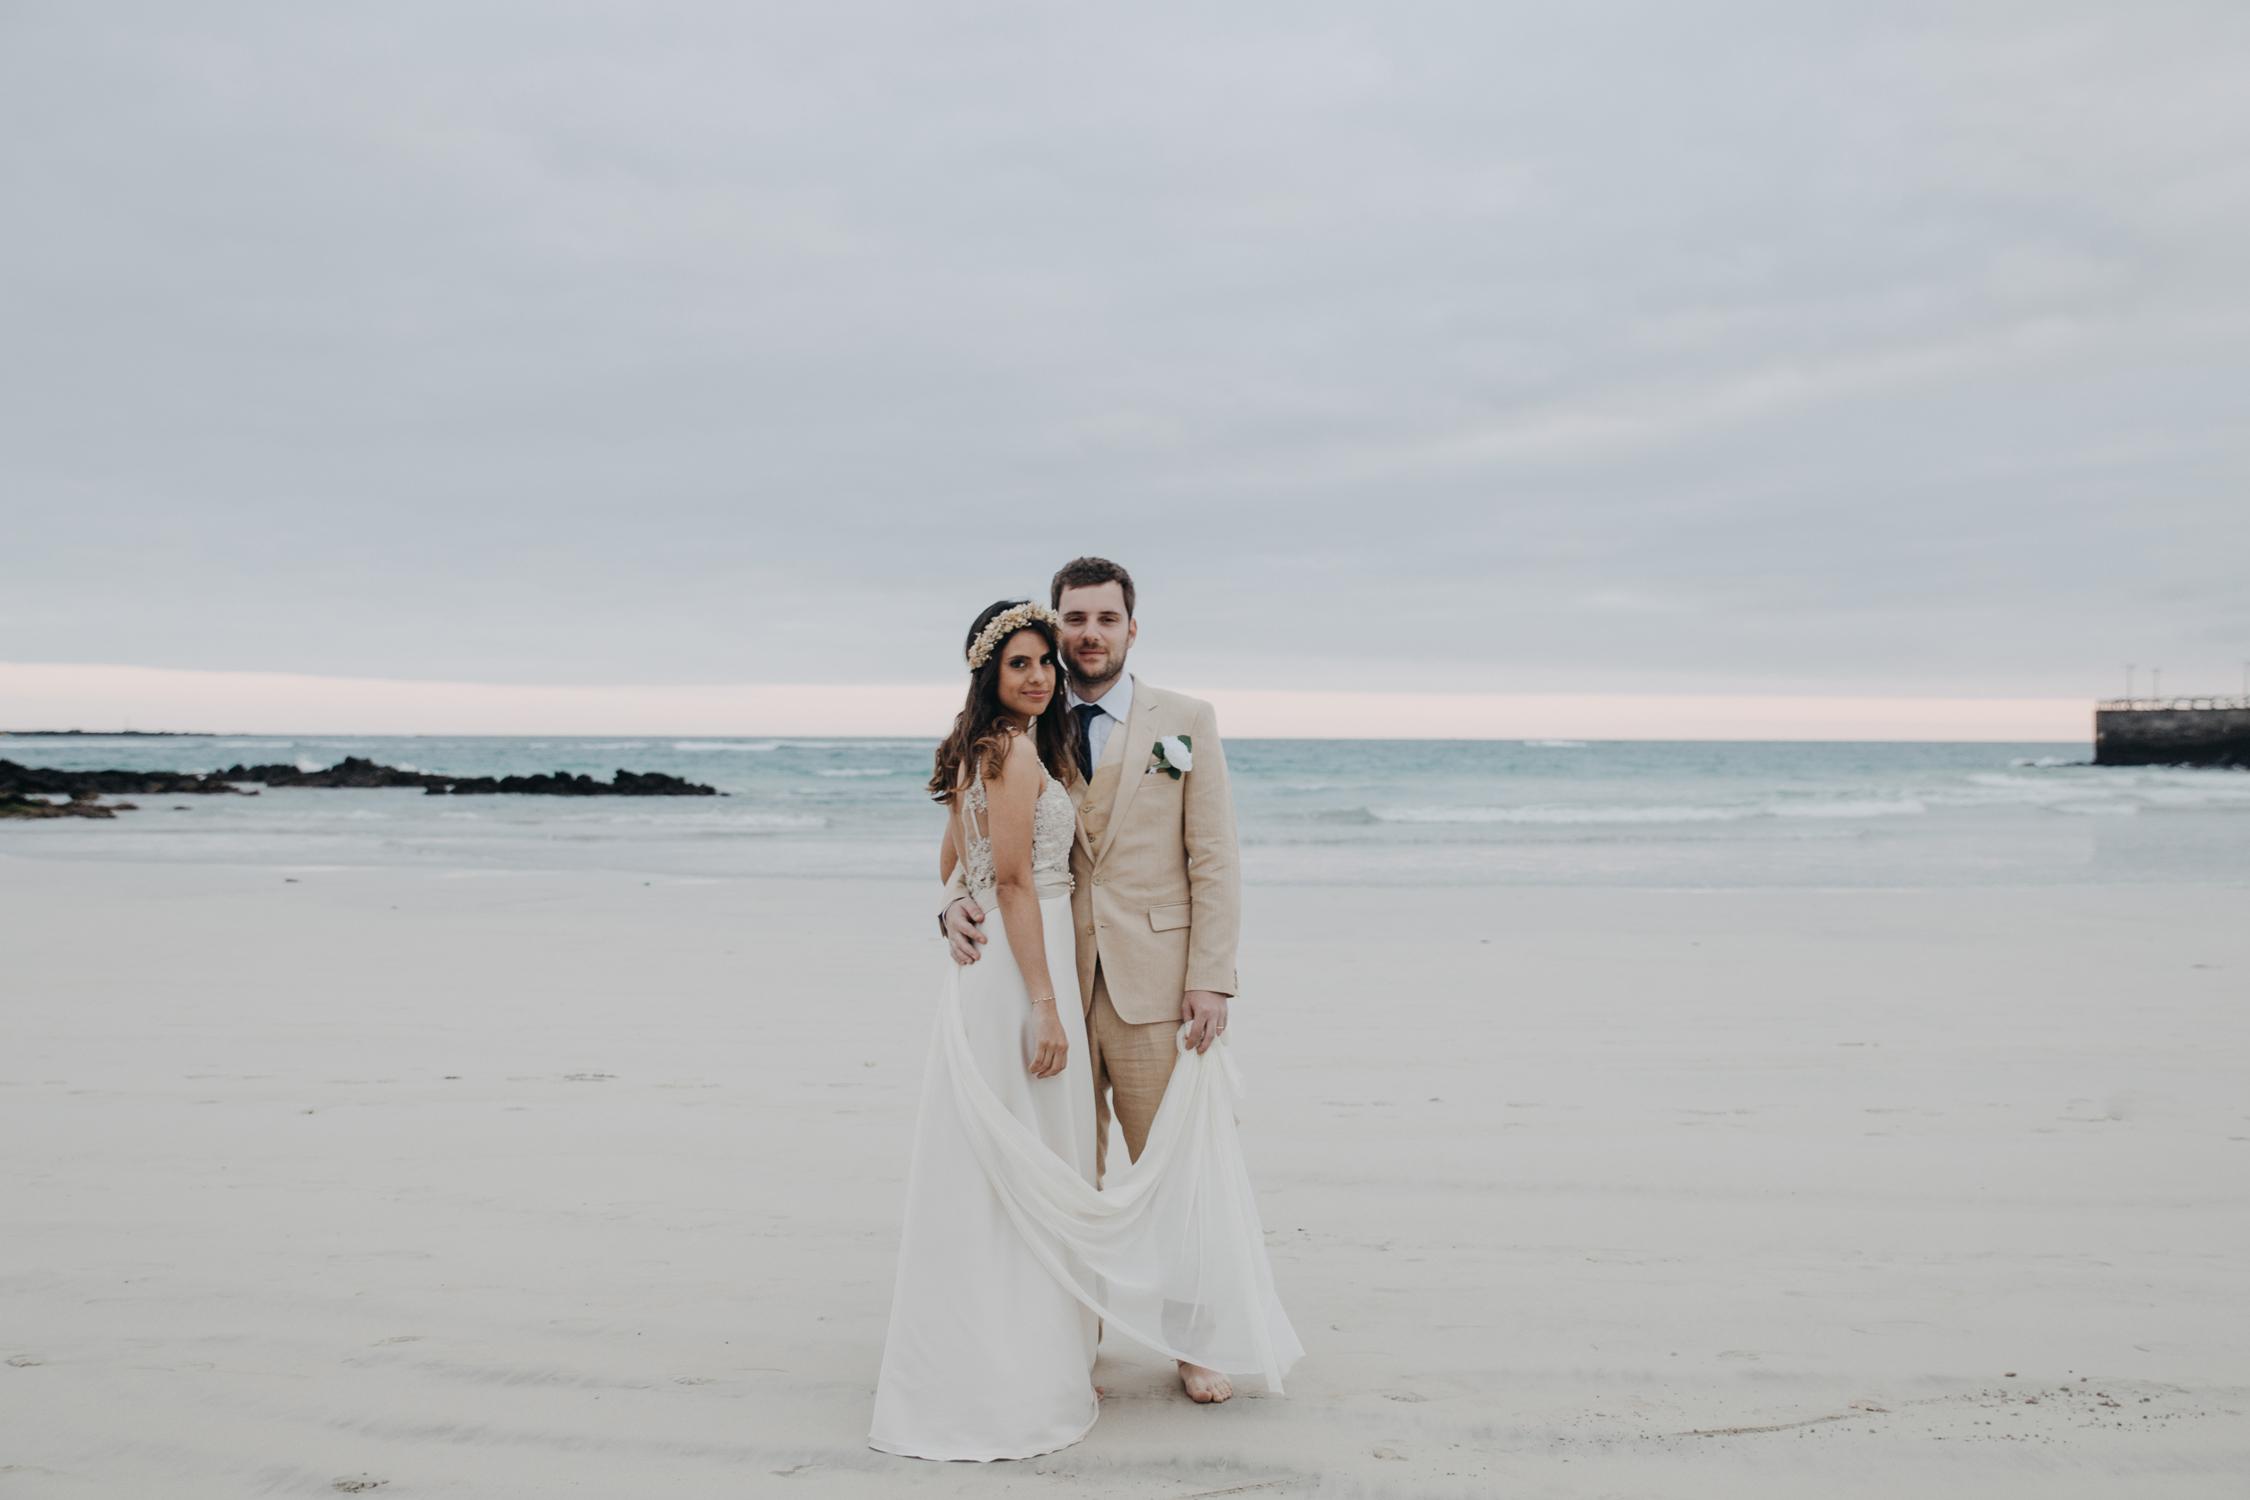 Michelle-Agurto-Fotografia-Bodas-Ecuador-Destination-Wedding-Photographer-Galapagos-Andrea-Joaquin-187.JPG